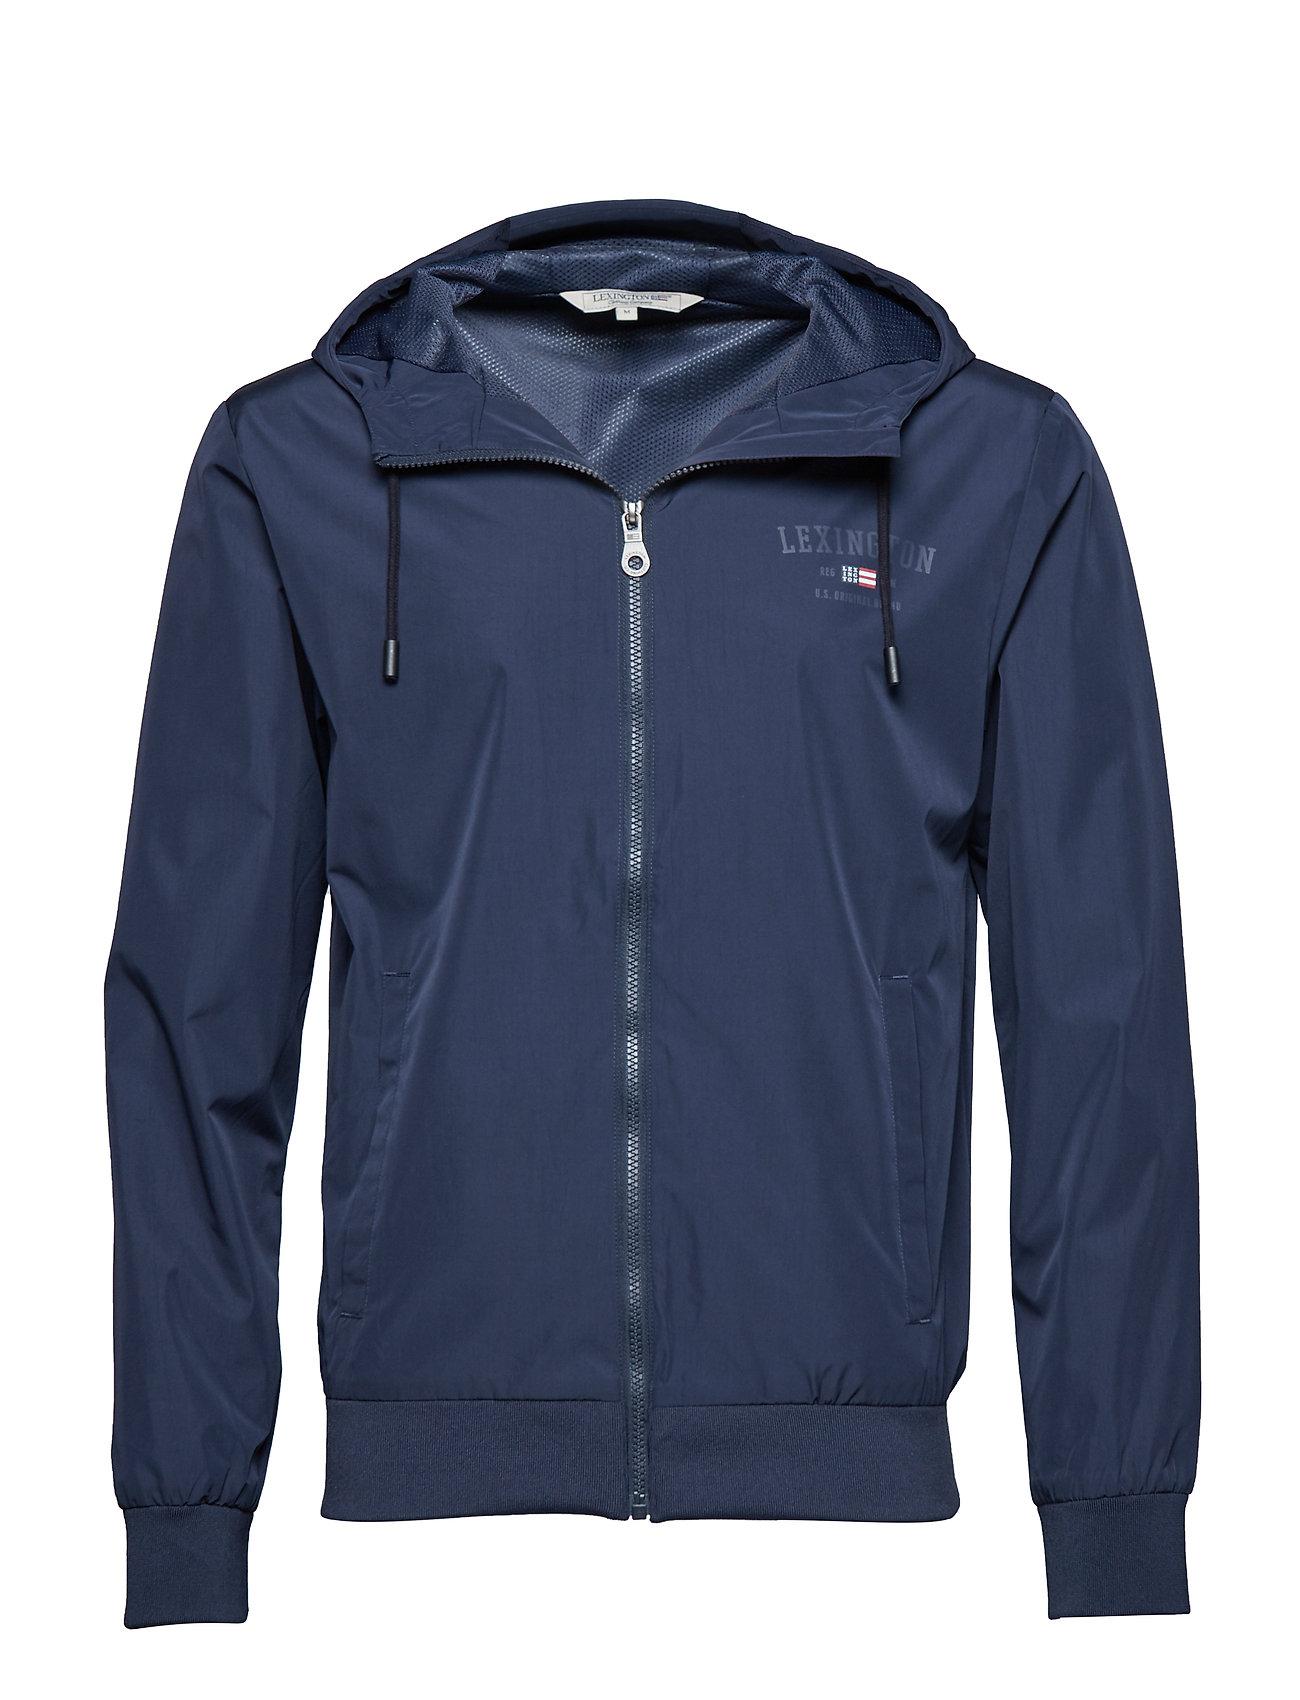 Lexington Clothing Harvey Jacket - NAVY BLUE